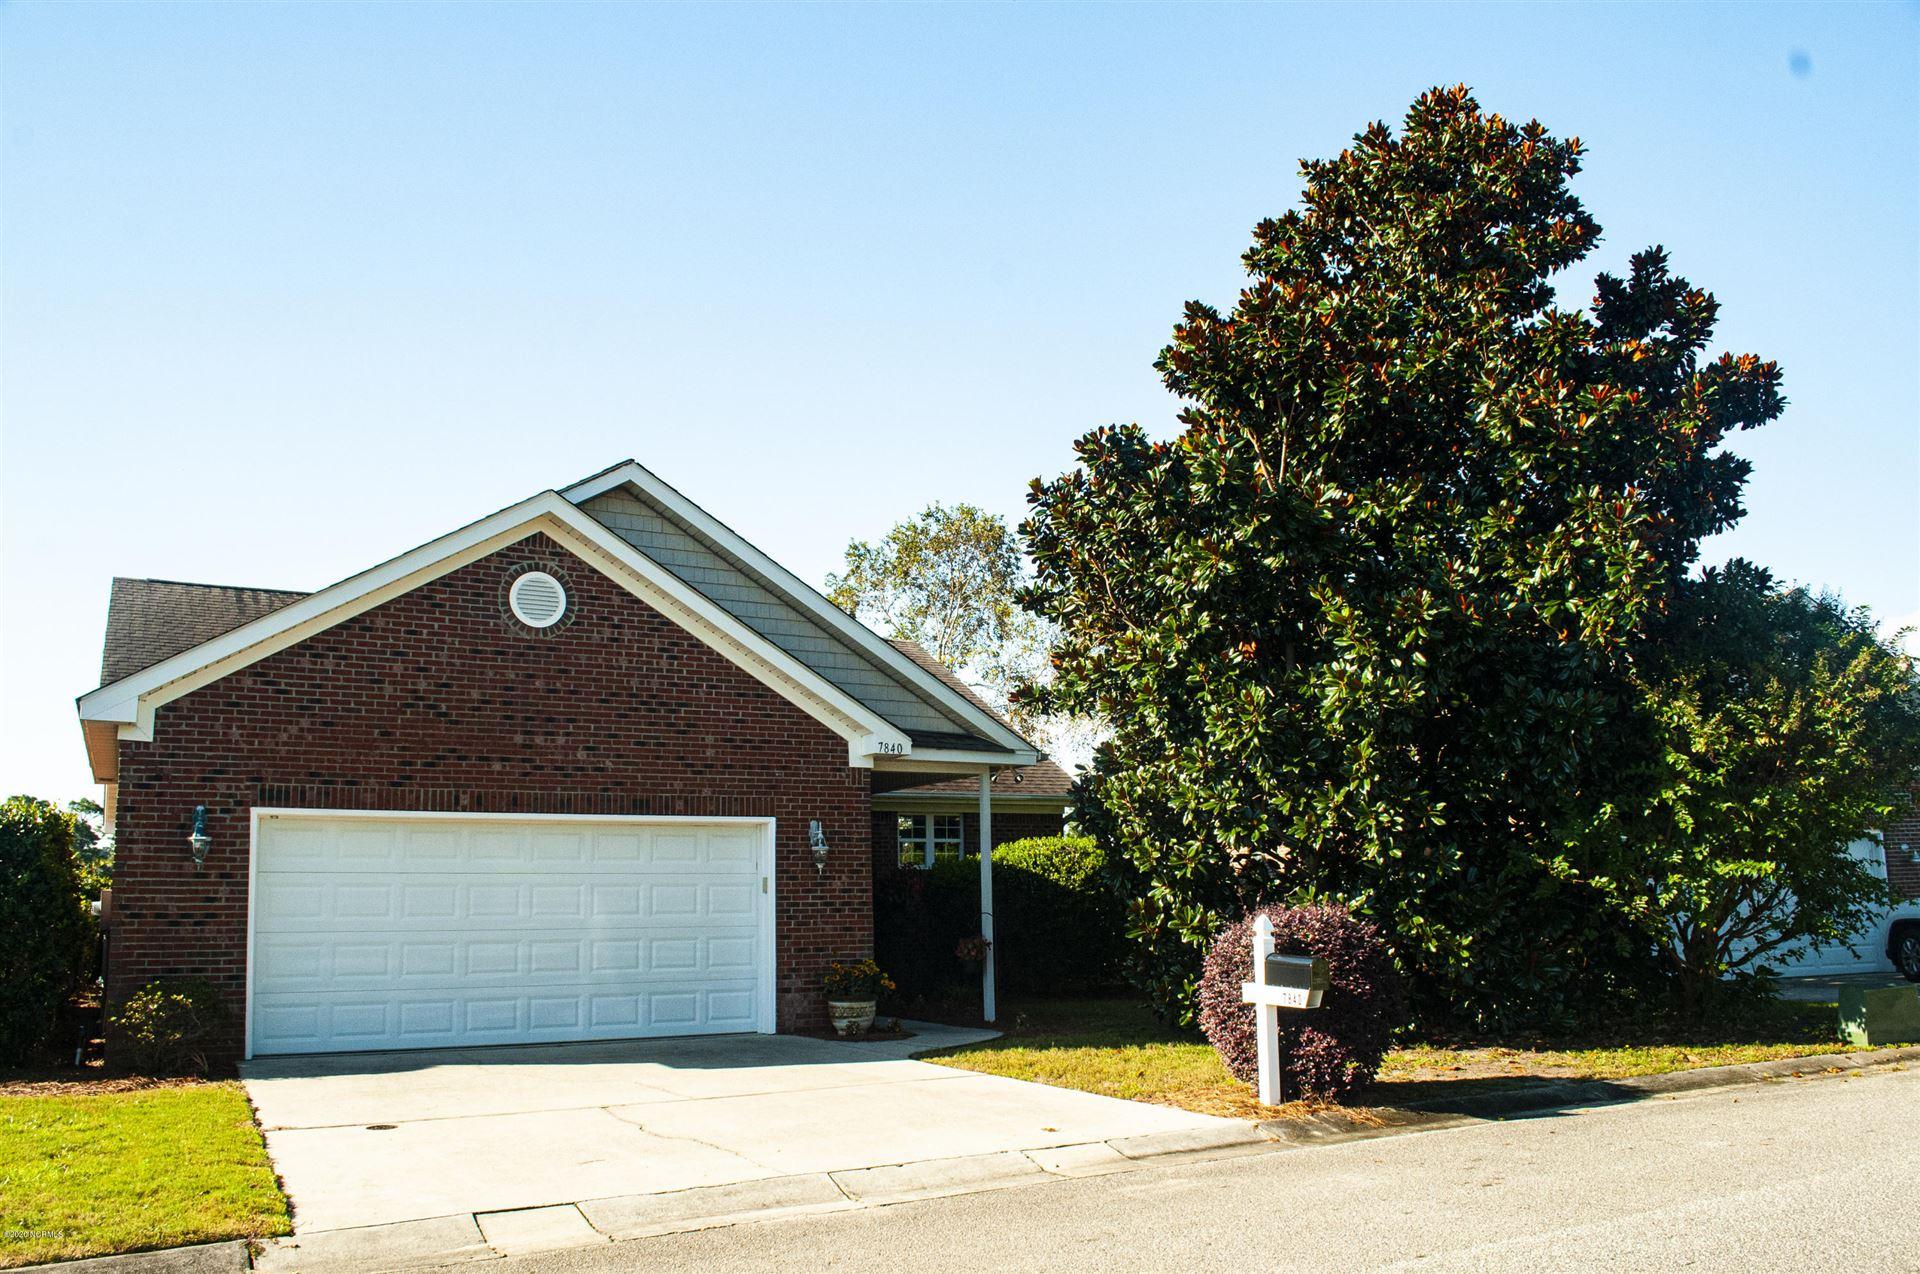 Photo of 7840 Chipshot Way, Wilmington, NC 28412 (MLS # 100239395)